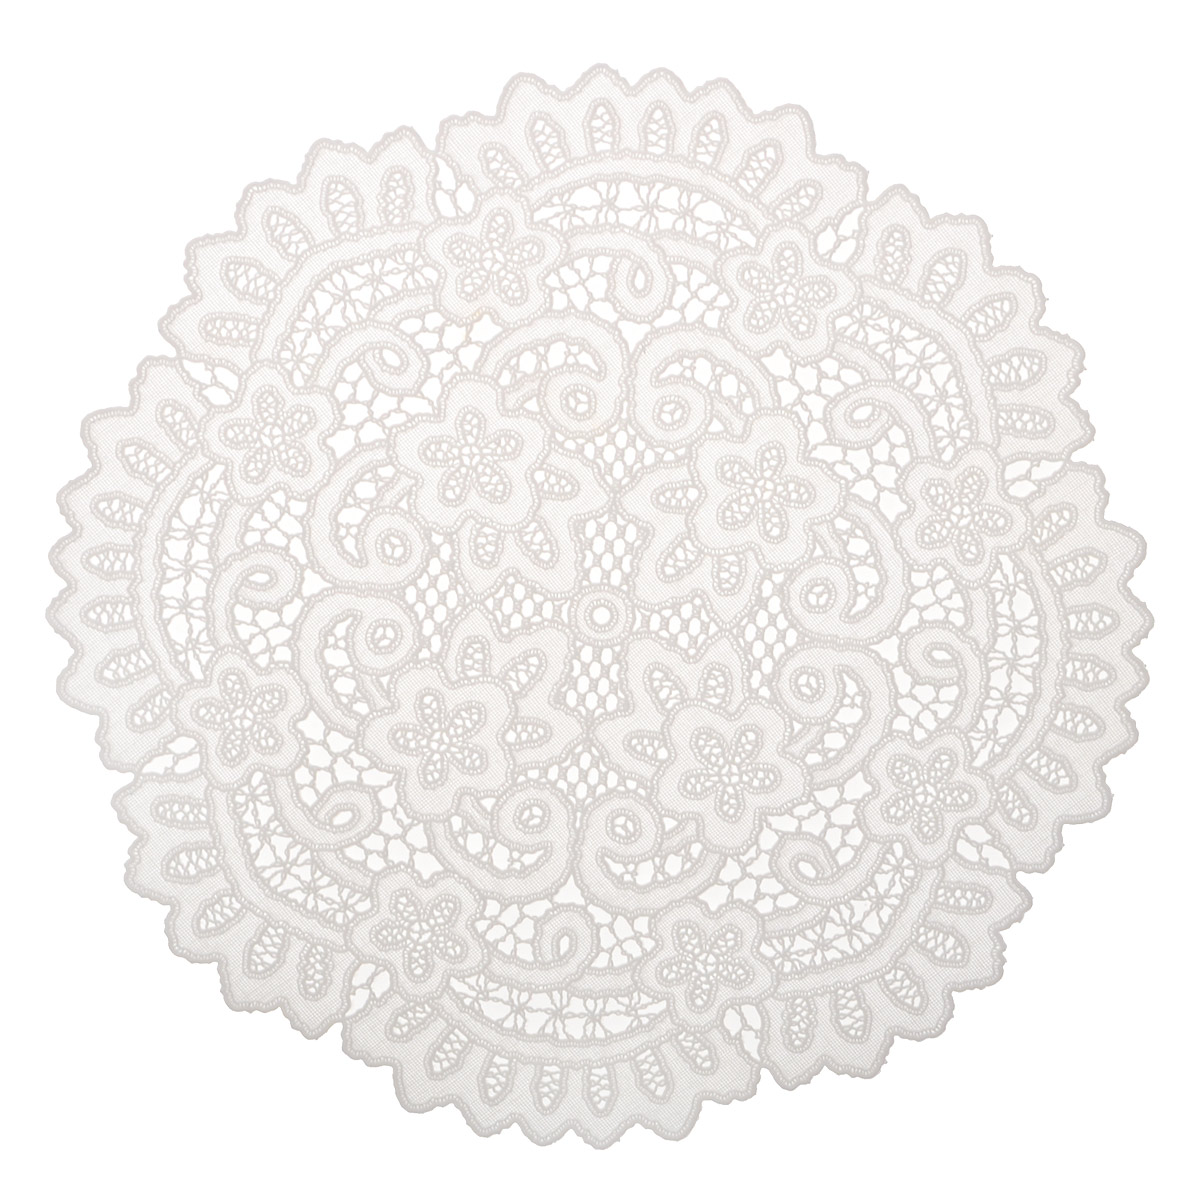 Набор декоративных салфеток Ажурные, 6 шт, диаметр 30 см. 811-122